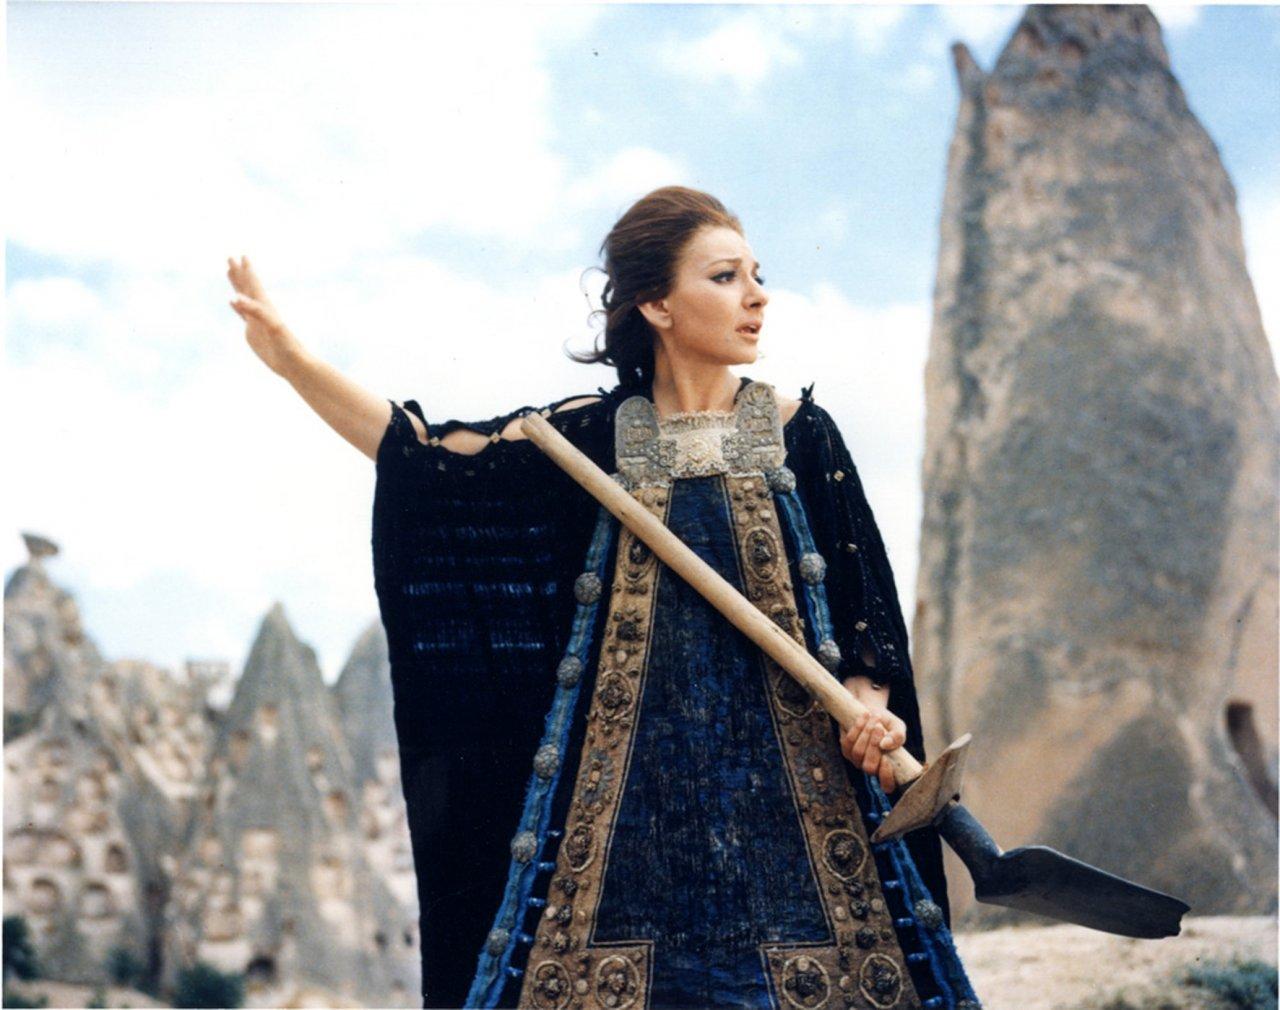 Παζολίνι, Χίτσκοκ, Δαμιανός, Κανελλόπουλος: Οι σπουδαίοι του σινεμά στην Ταινιοθήκη Θεσσαλονίκης